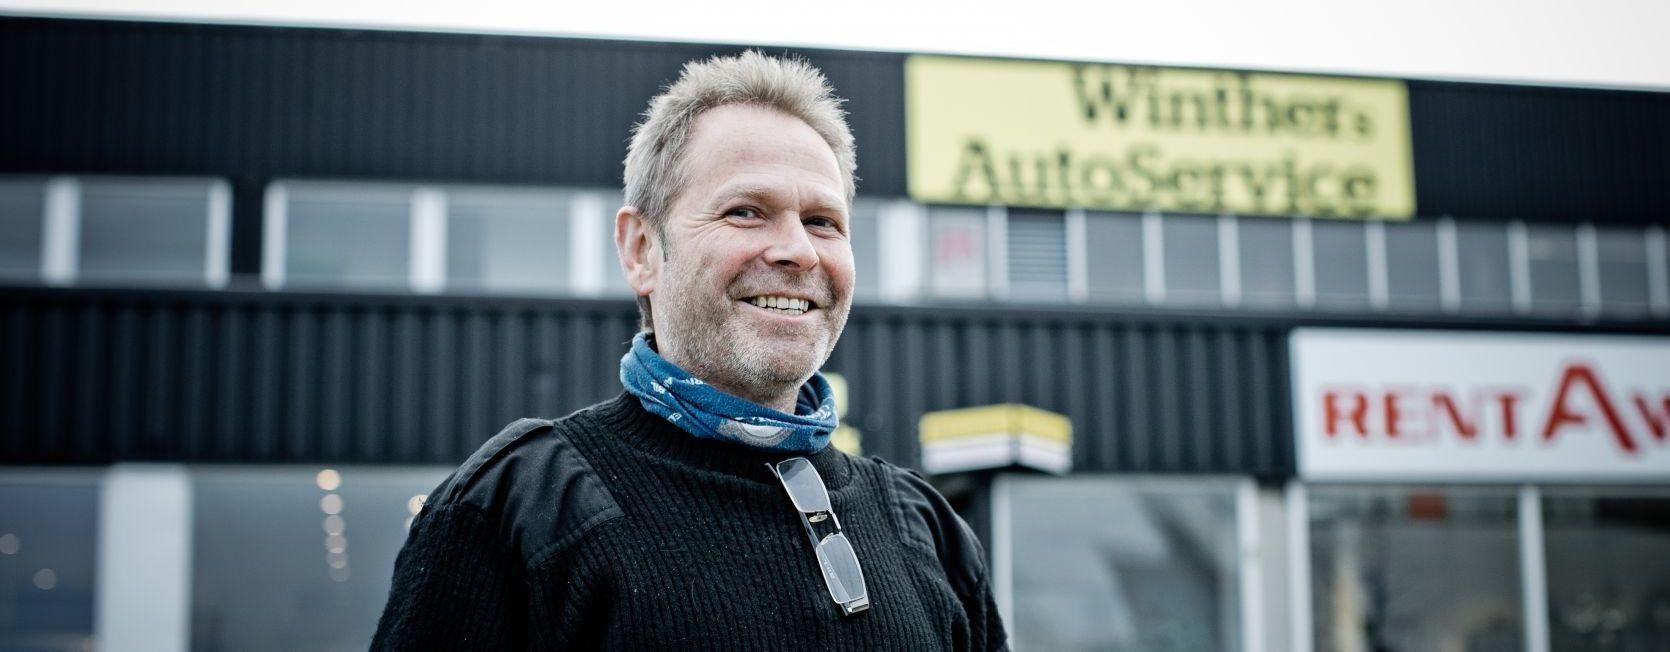 Portrettbilde av en smilende Terje Winther